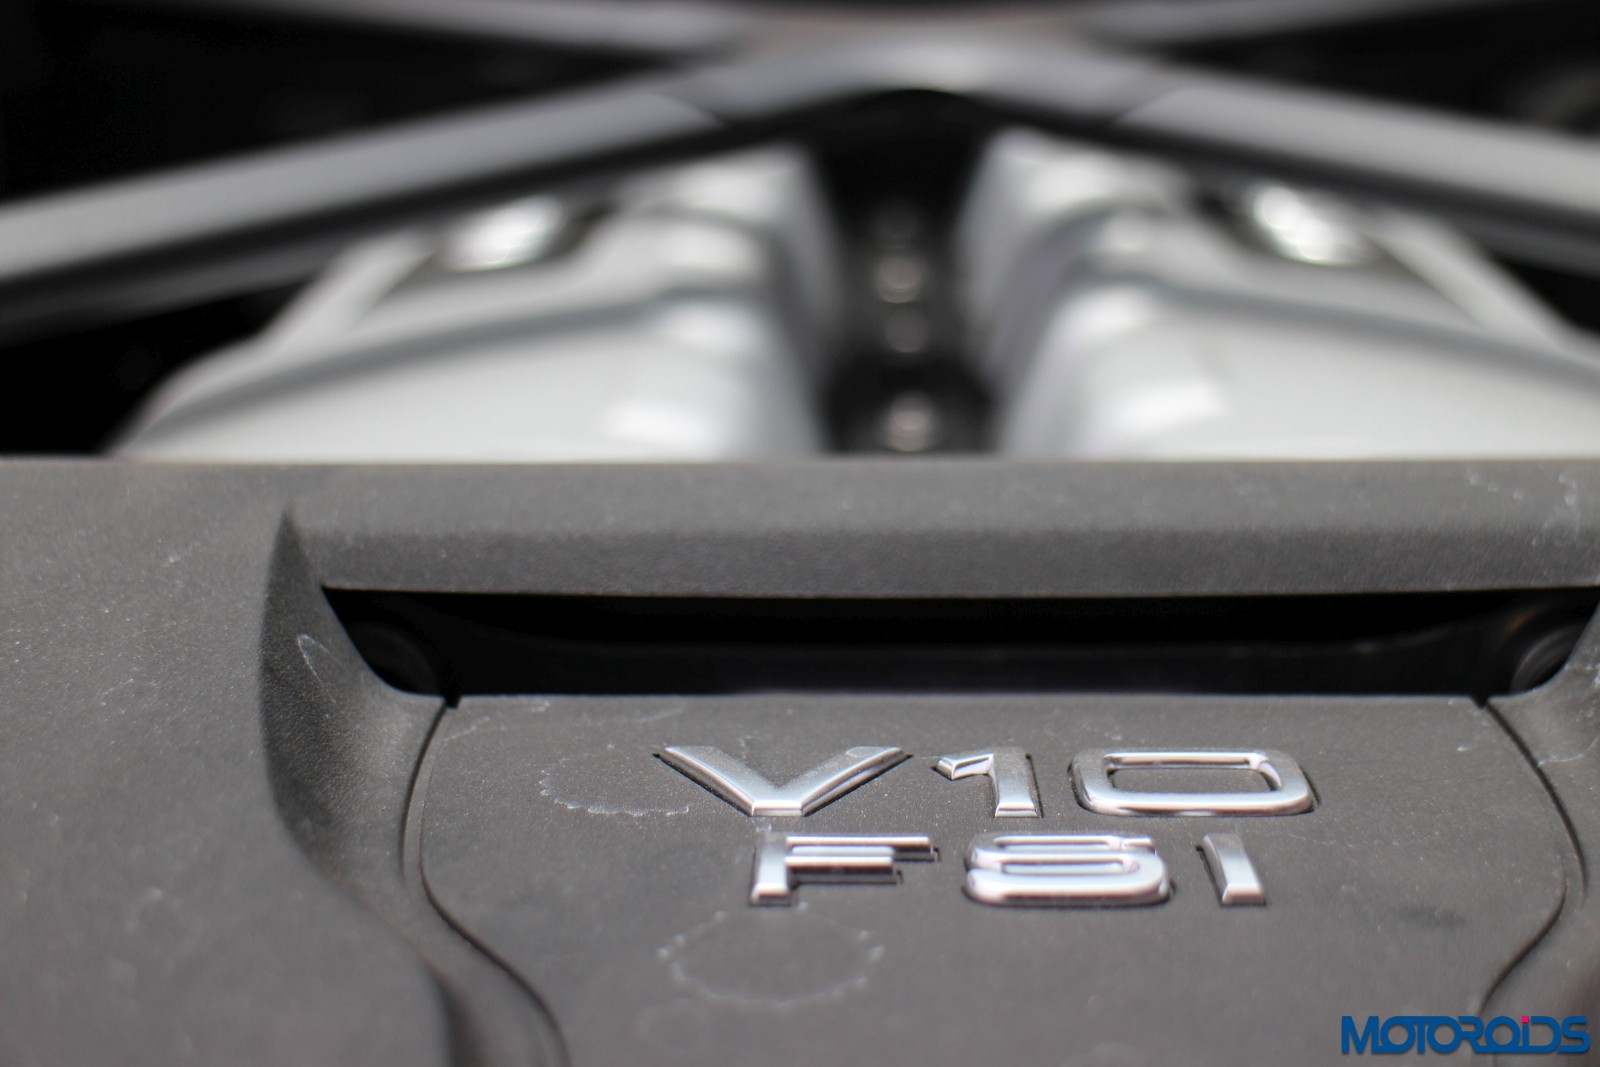 Audi R8 v10 Plus Details - Engine (4)